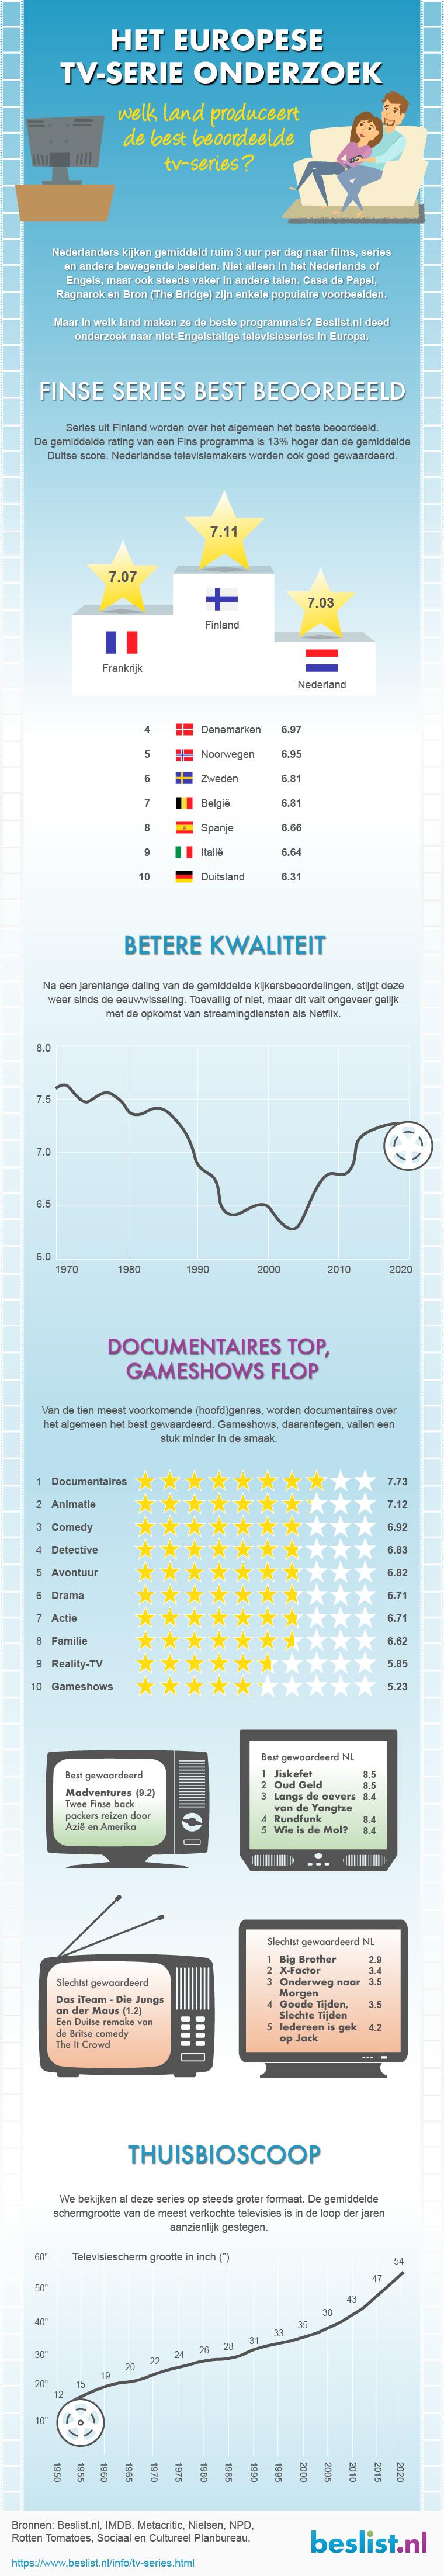 Het Europese TV-serie onderzoek   Infographic